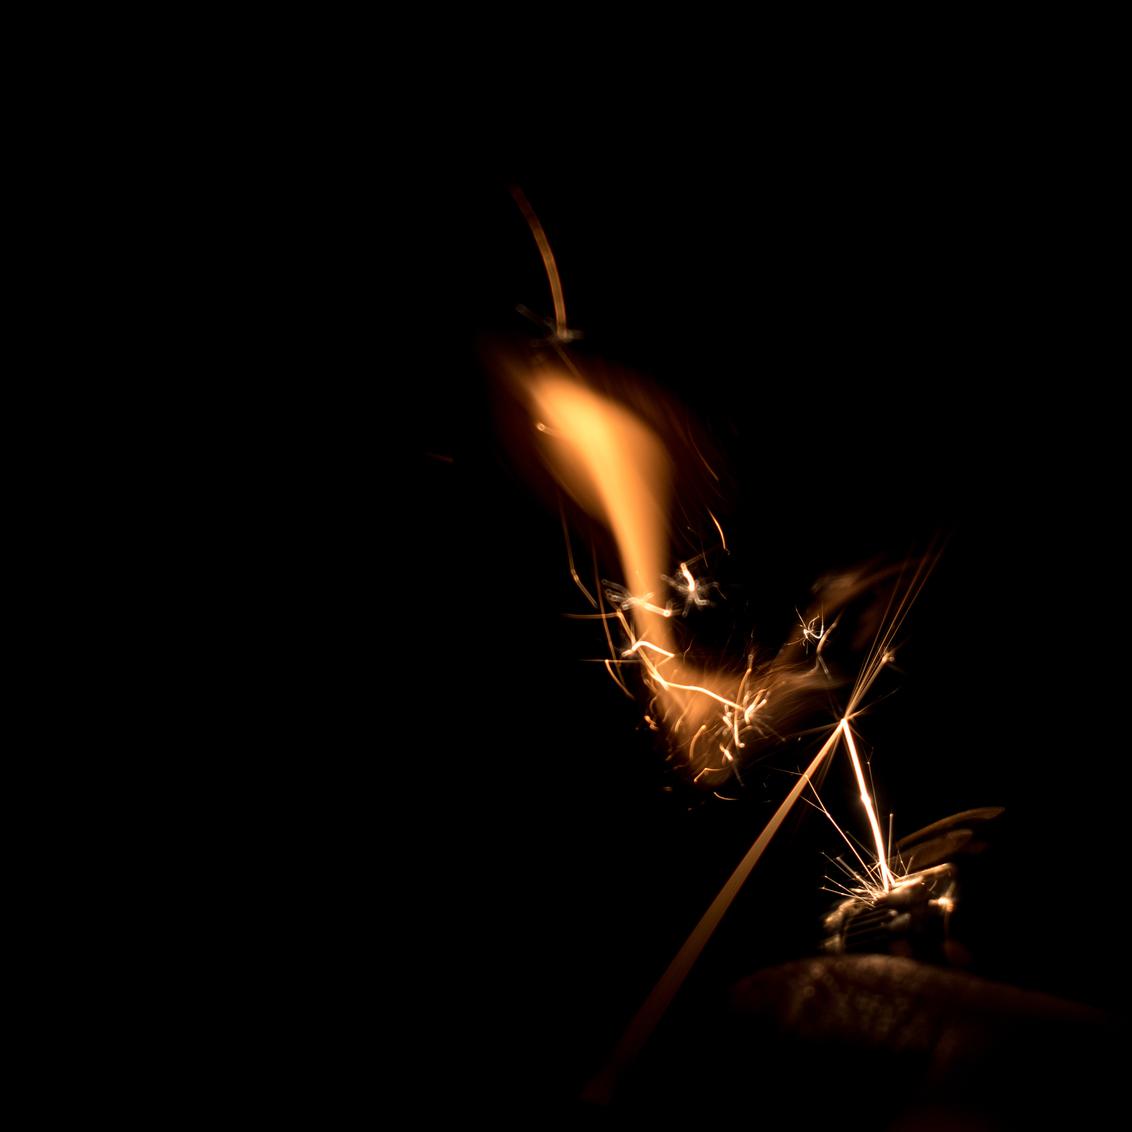 Fire - - - foto door niy op 24-01-2021 - deze foto bevat: mensen, donker, kleur, abstract, licht, structuur, portret, beeld, reclame, schaduw, zelfportret, silhouet, kunst, muziek, vuurwerk, stoer, kracht, vintage, sfeer, sepia, beweging, contrast, hdr, creatief, textuur, details, retro, lomo, flitsen, wallpaper, bokeh, commercial, styling, lightroom, nik